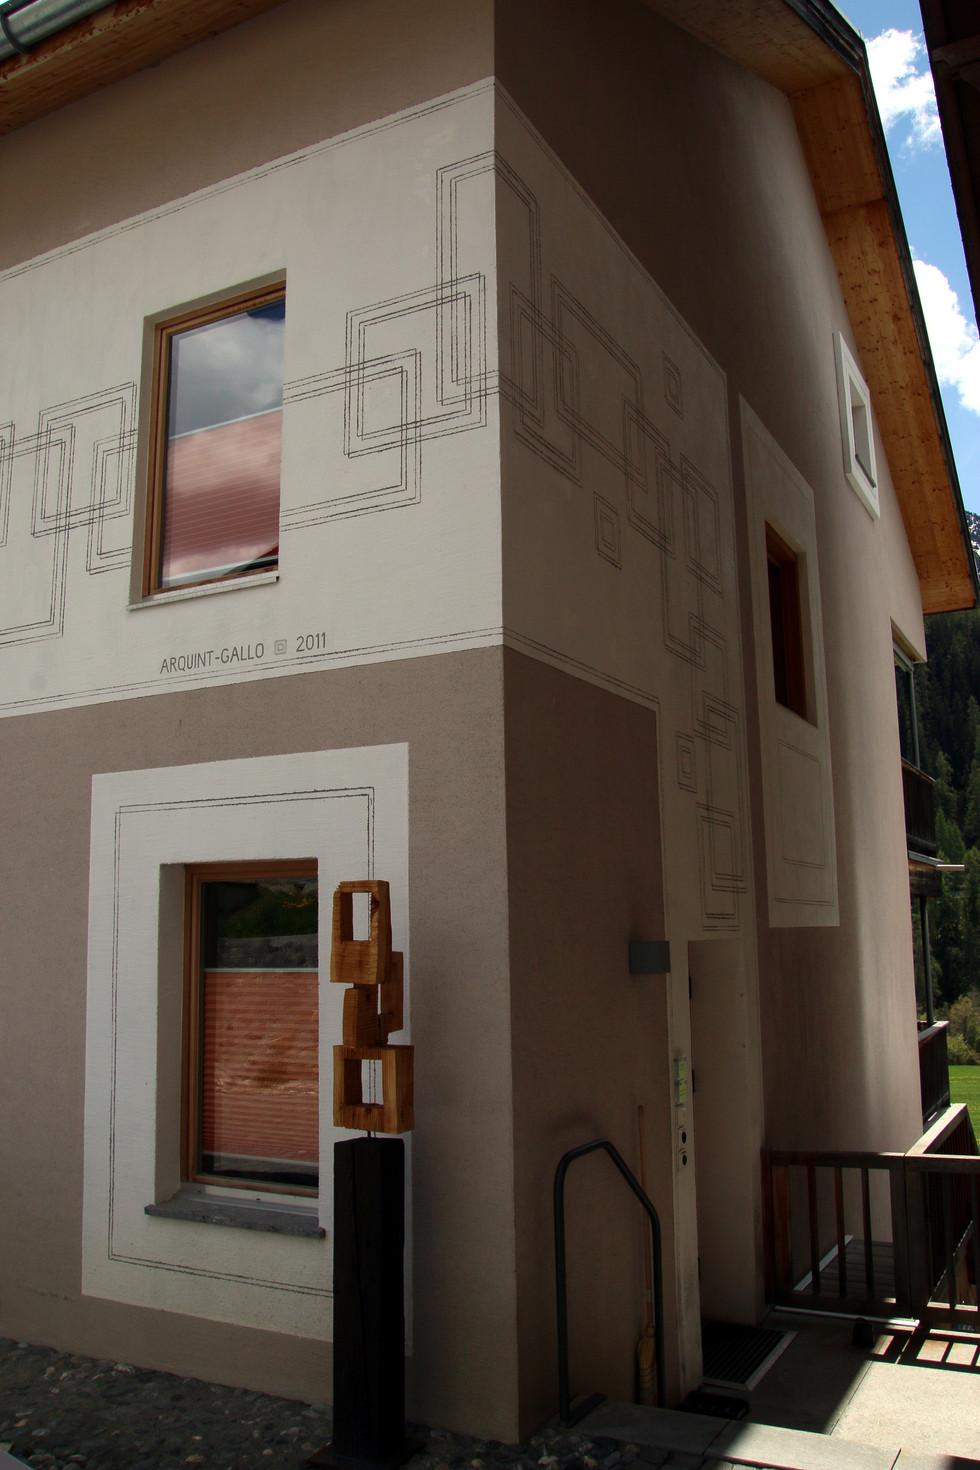 Haus in Porta Scuol - 2011